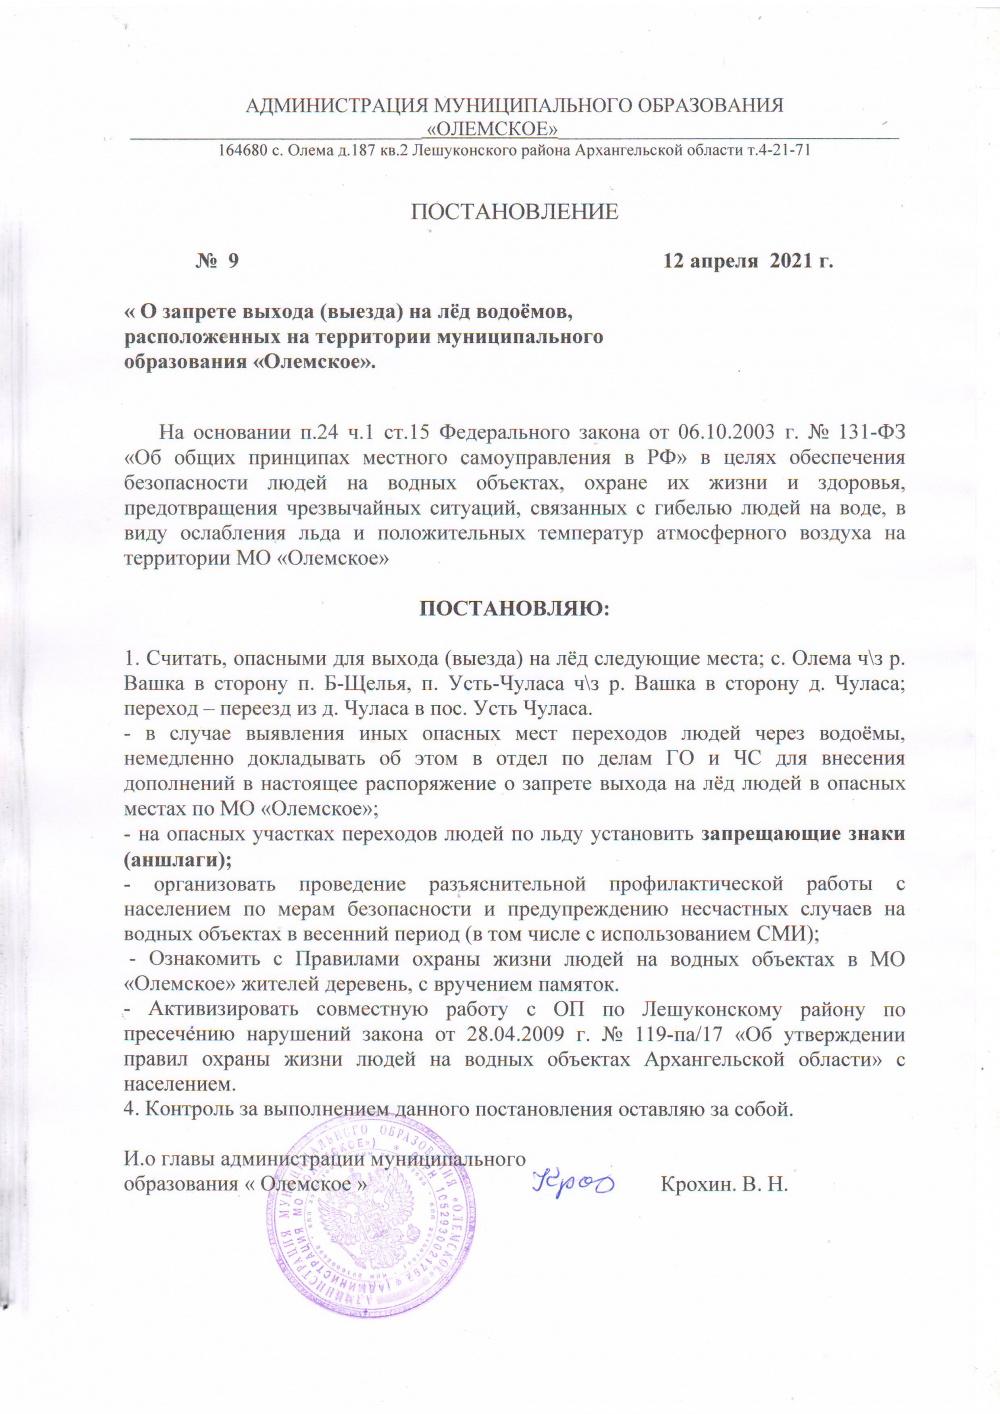 Постановление  № 9  от  12.04.2021 года  «О  запрете  выхода (выезда) на  лед  водоемов,  расположенных  на  территории  муниципального  образования  «Олемское»;